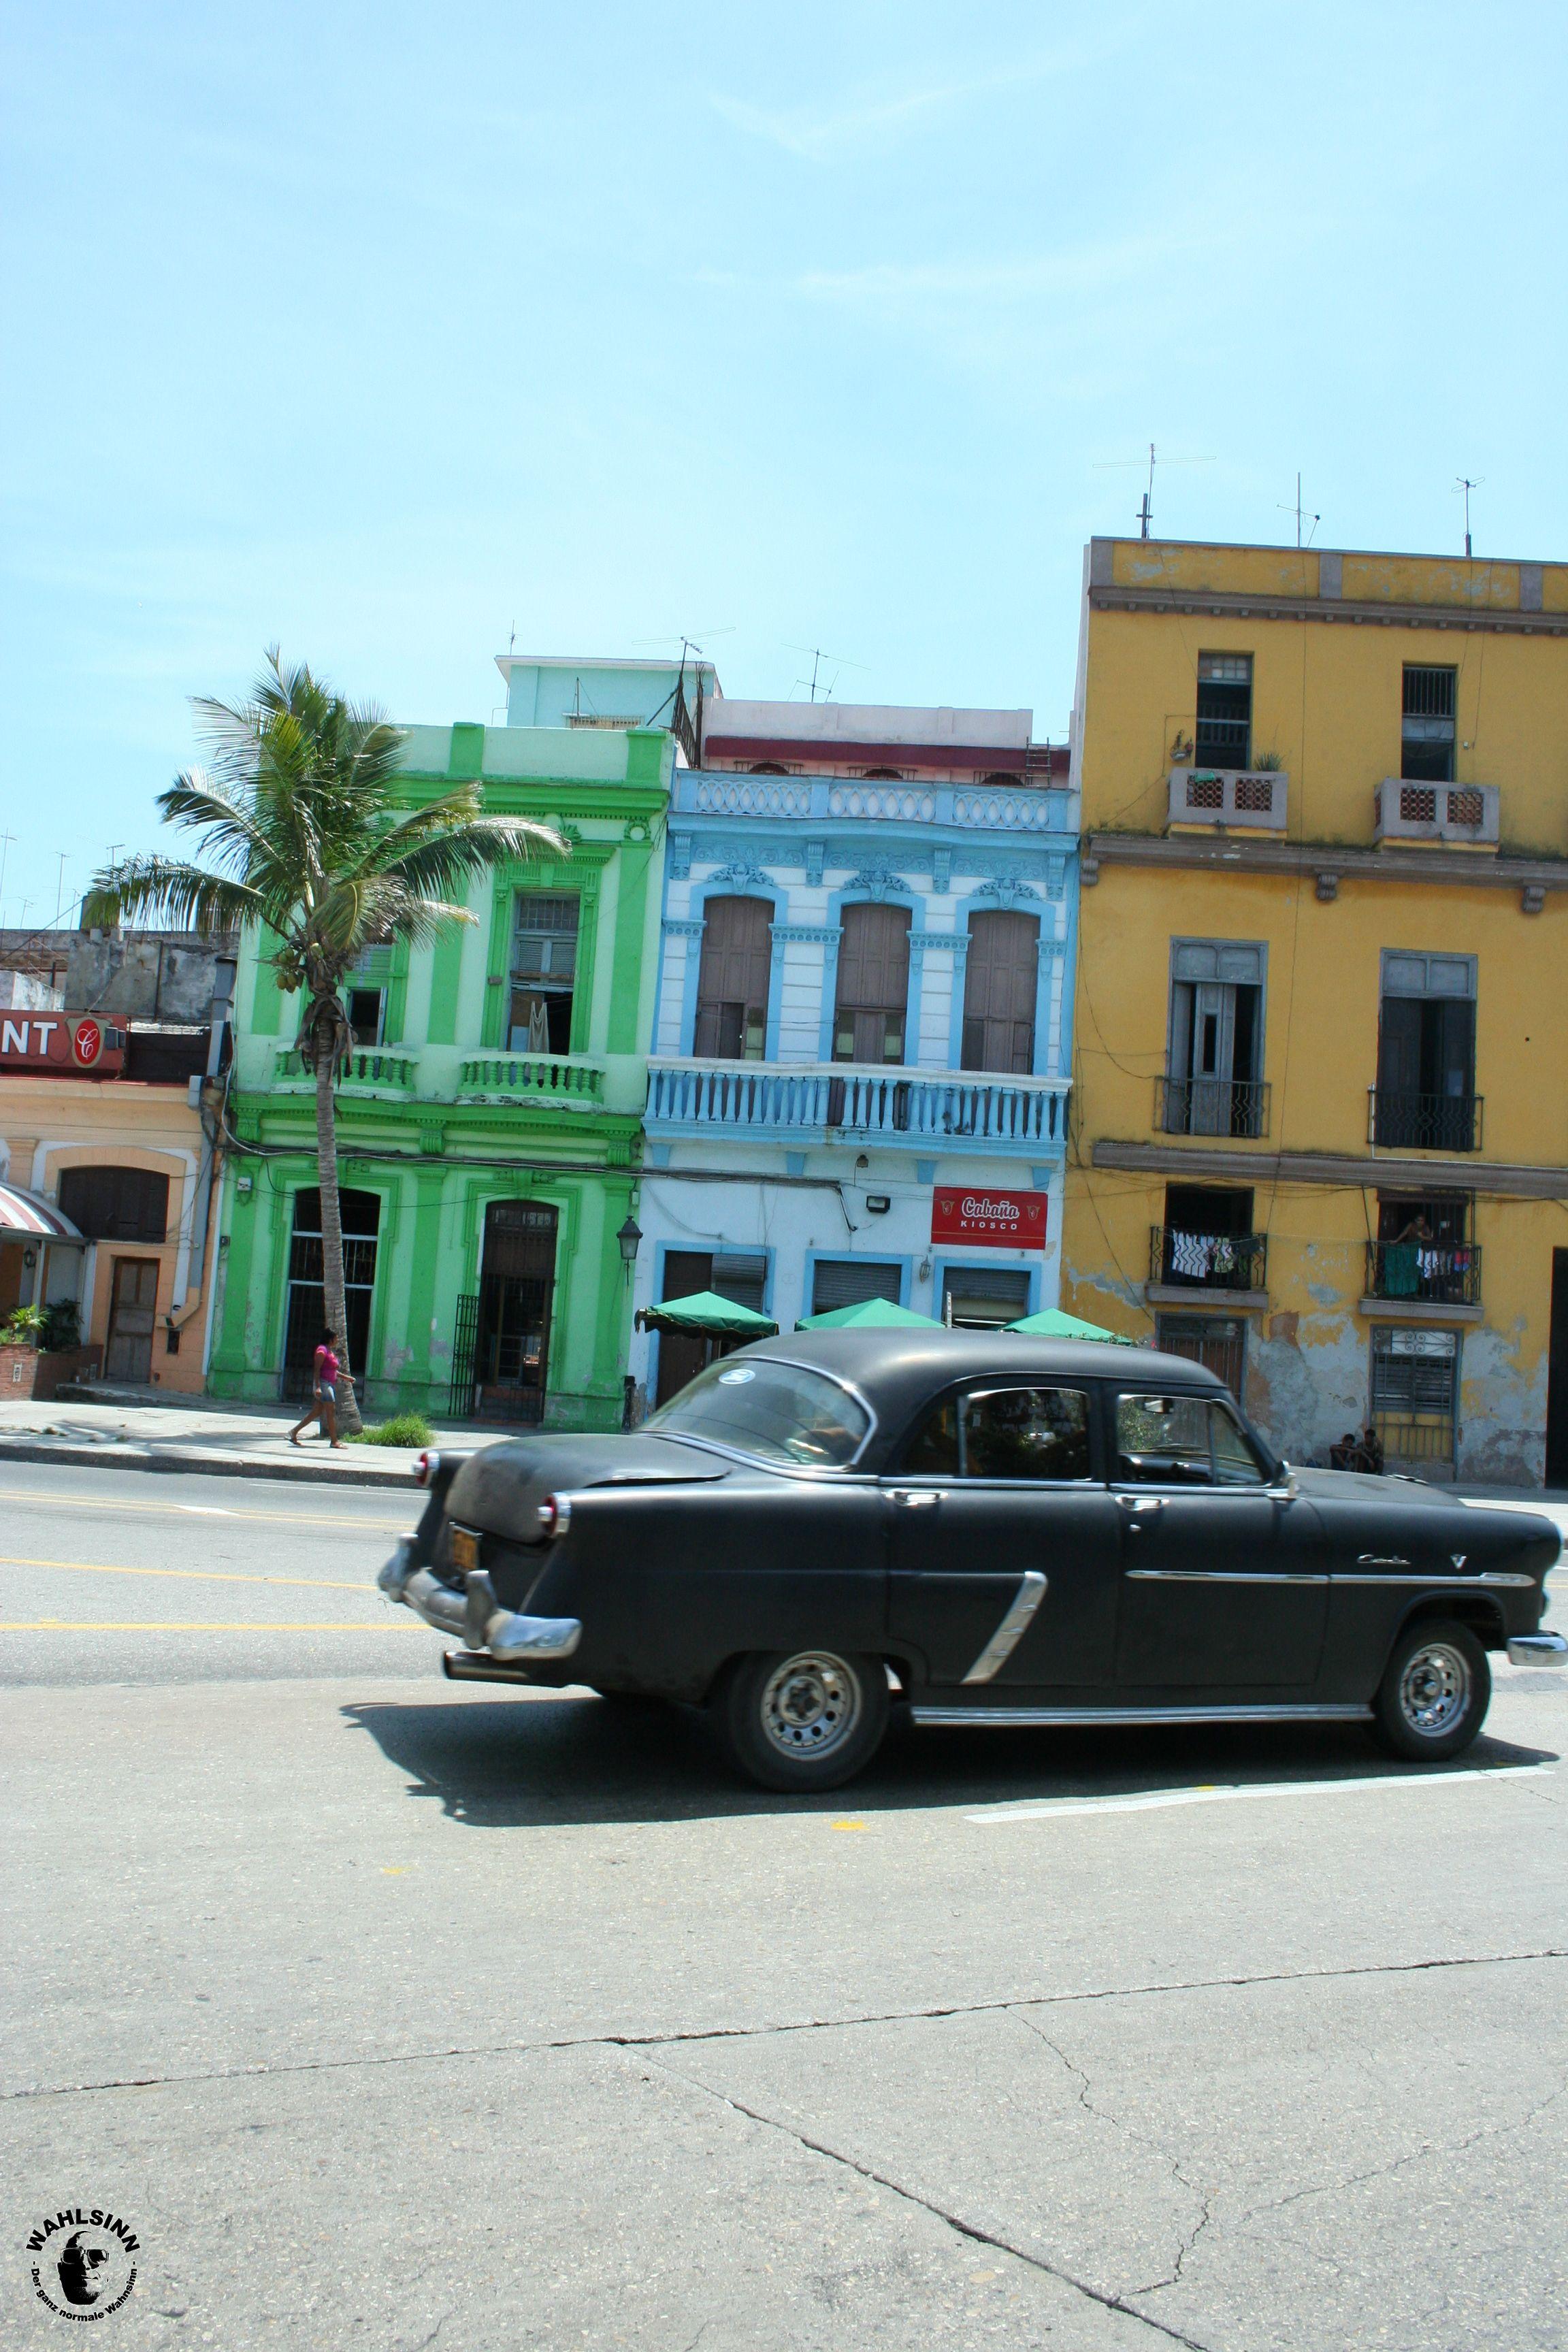 Bunte Häuser & Oldtimer - das ist Havanna